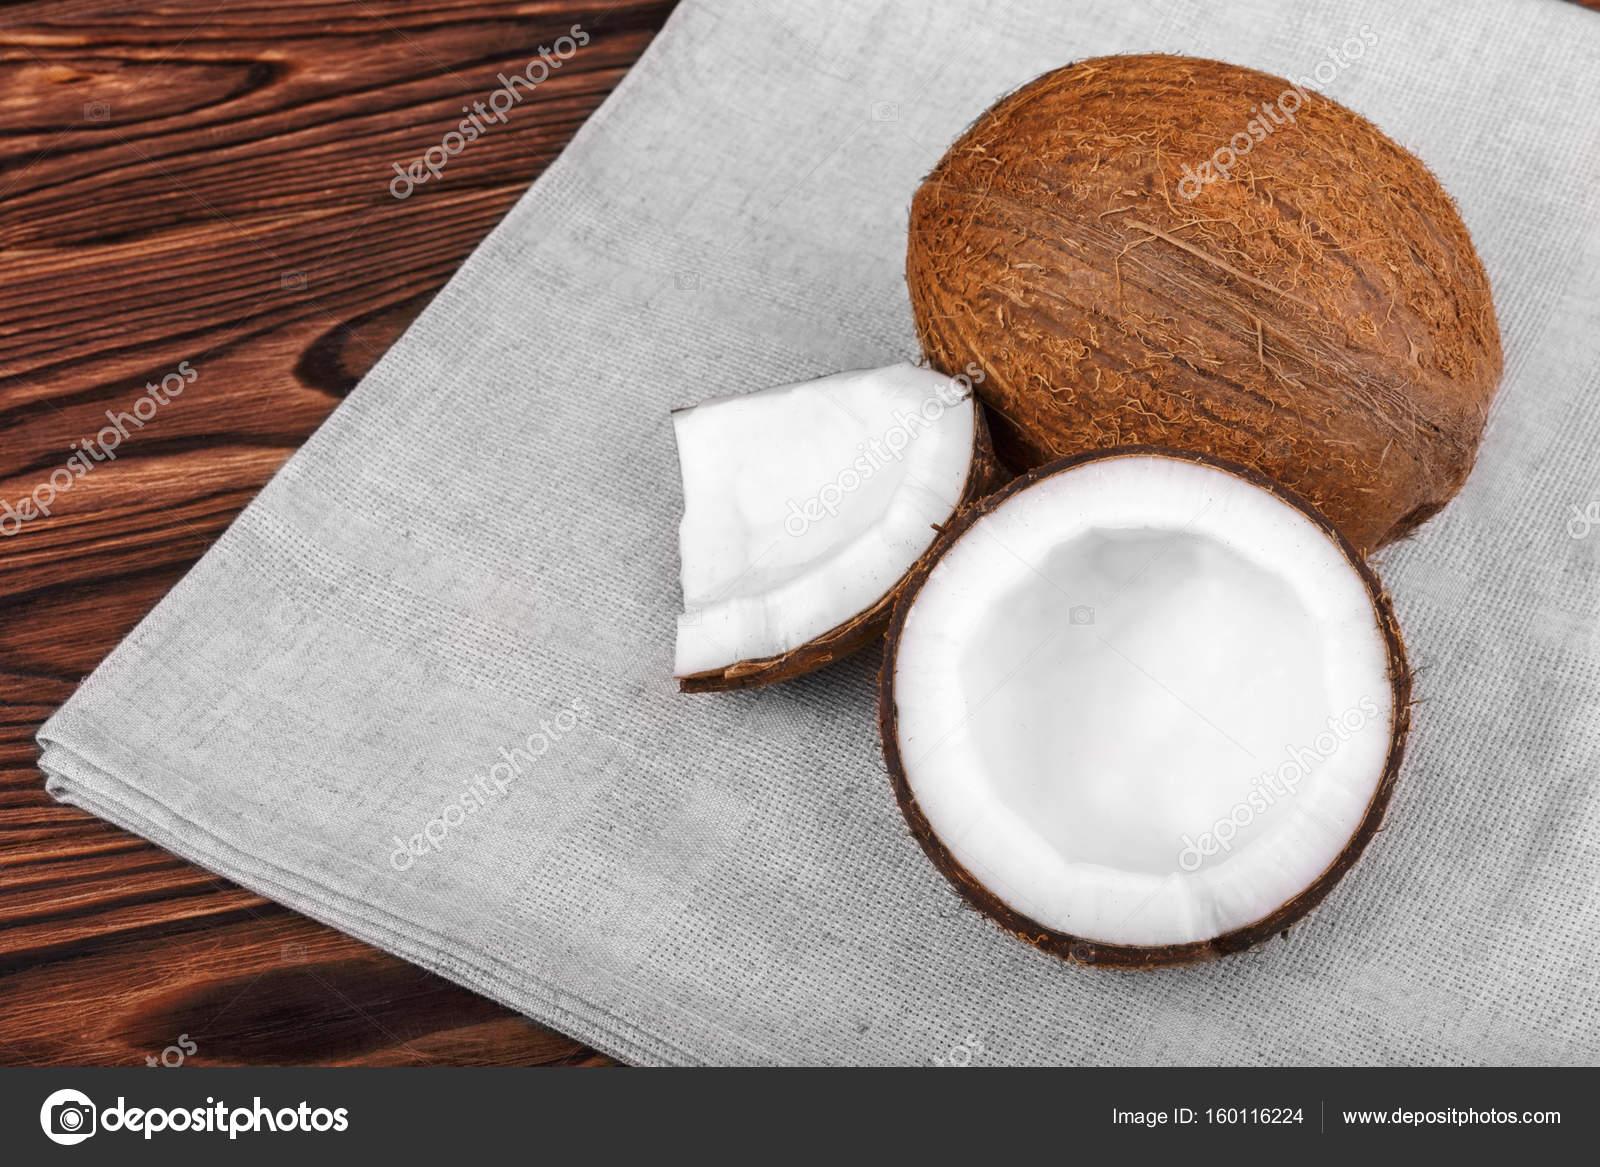 Couper Noix De Coco noix de coco fraîche et tissu gris sur un fond brun. tasty couper la